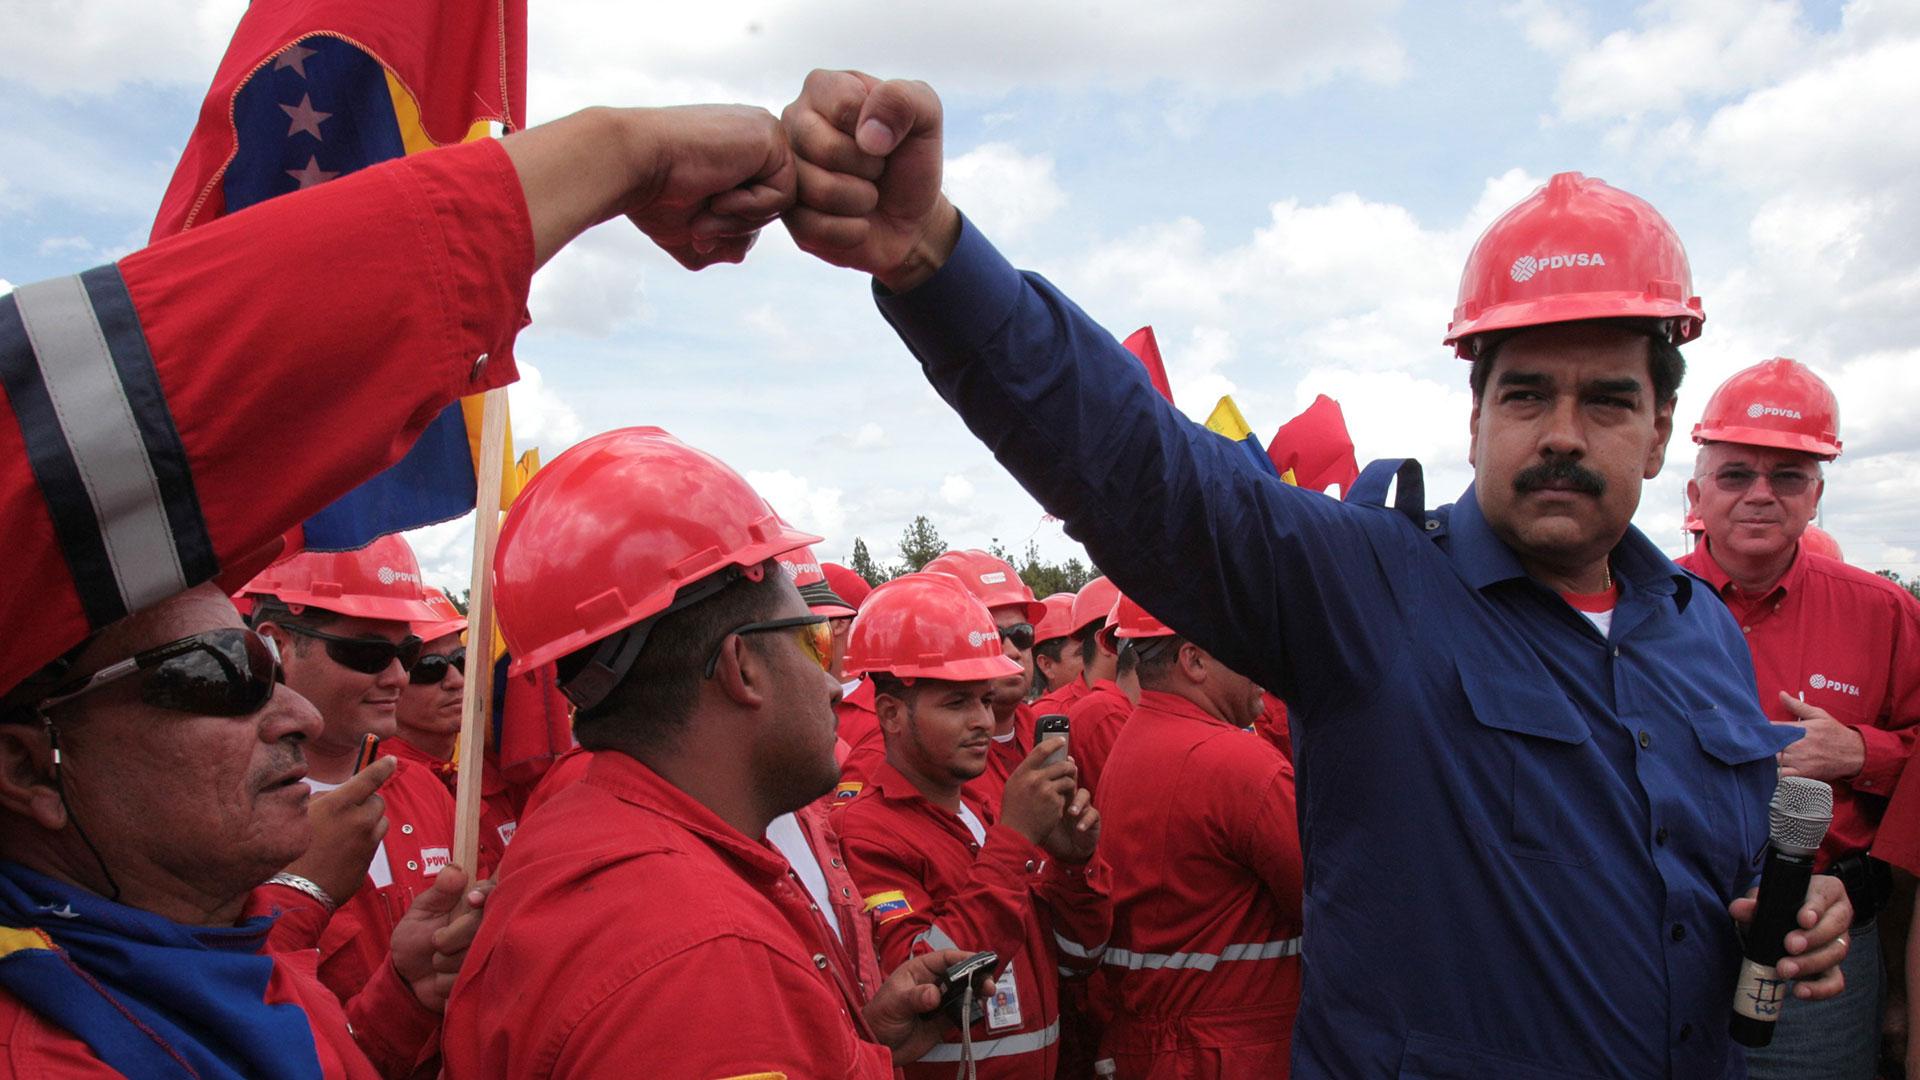 Ο Χ. Γκουαϊδό θα επιδιώξει να πουλήσει το πετρέλαιο της Βενεζουέλας στις ΗΠΑ